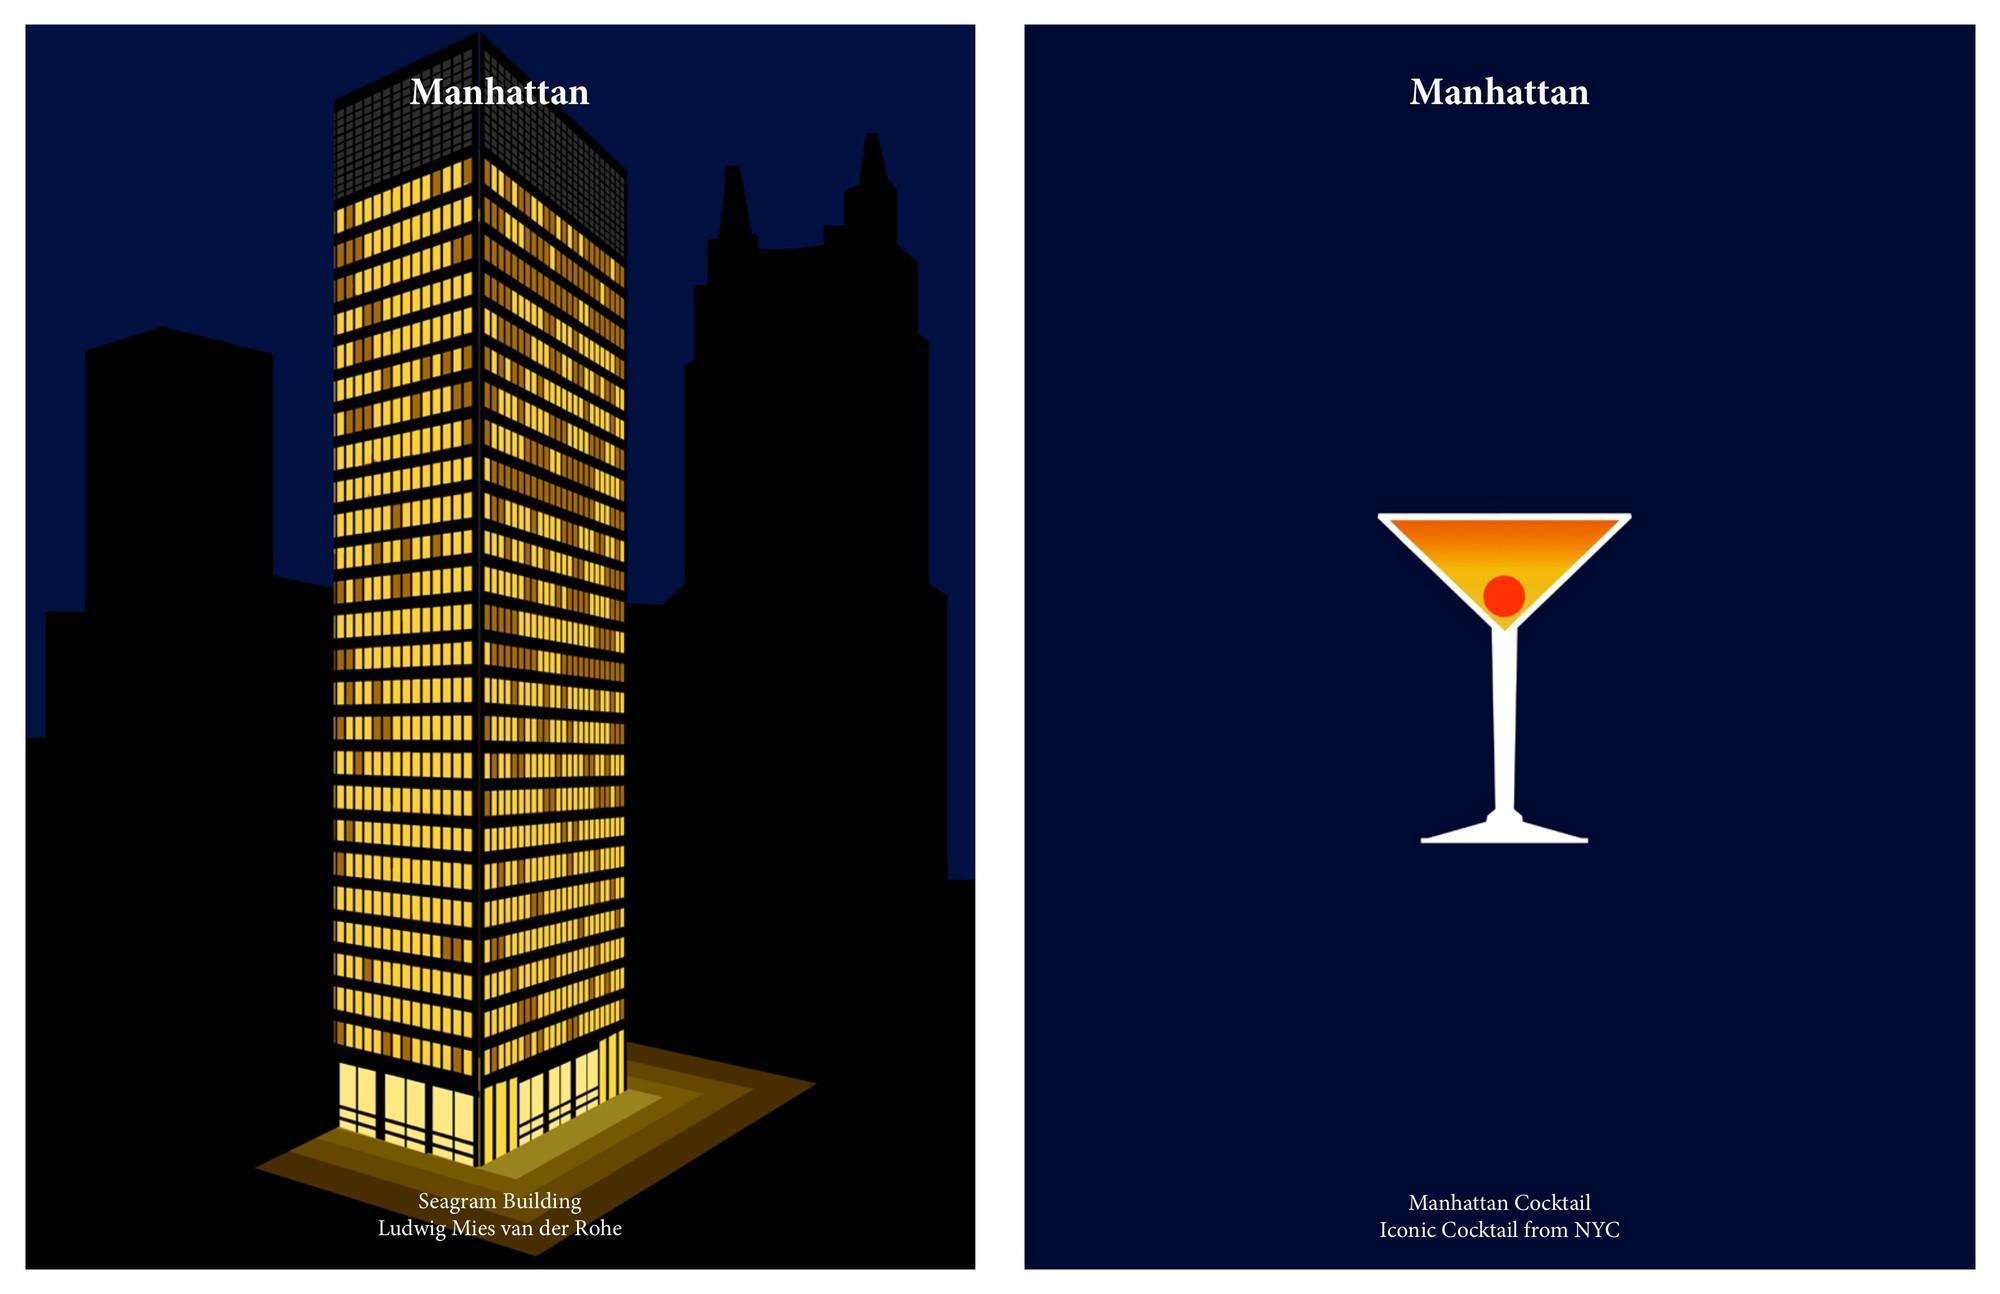 Edificio Seagram por Mies van der Rohe / Manhattan Cocktail. Imágen cortesía de Kosmos Architects